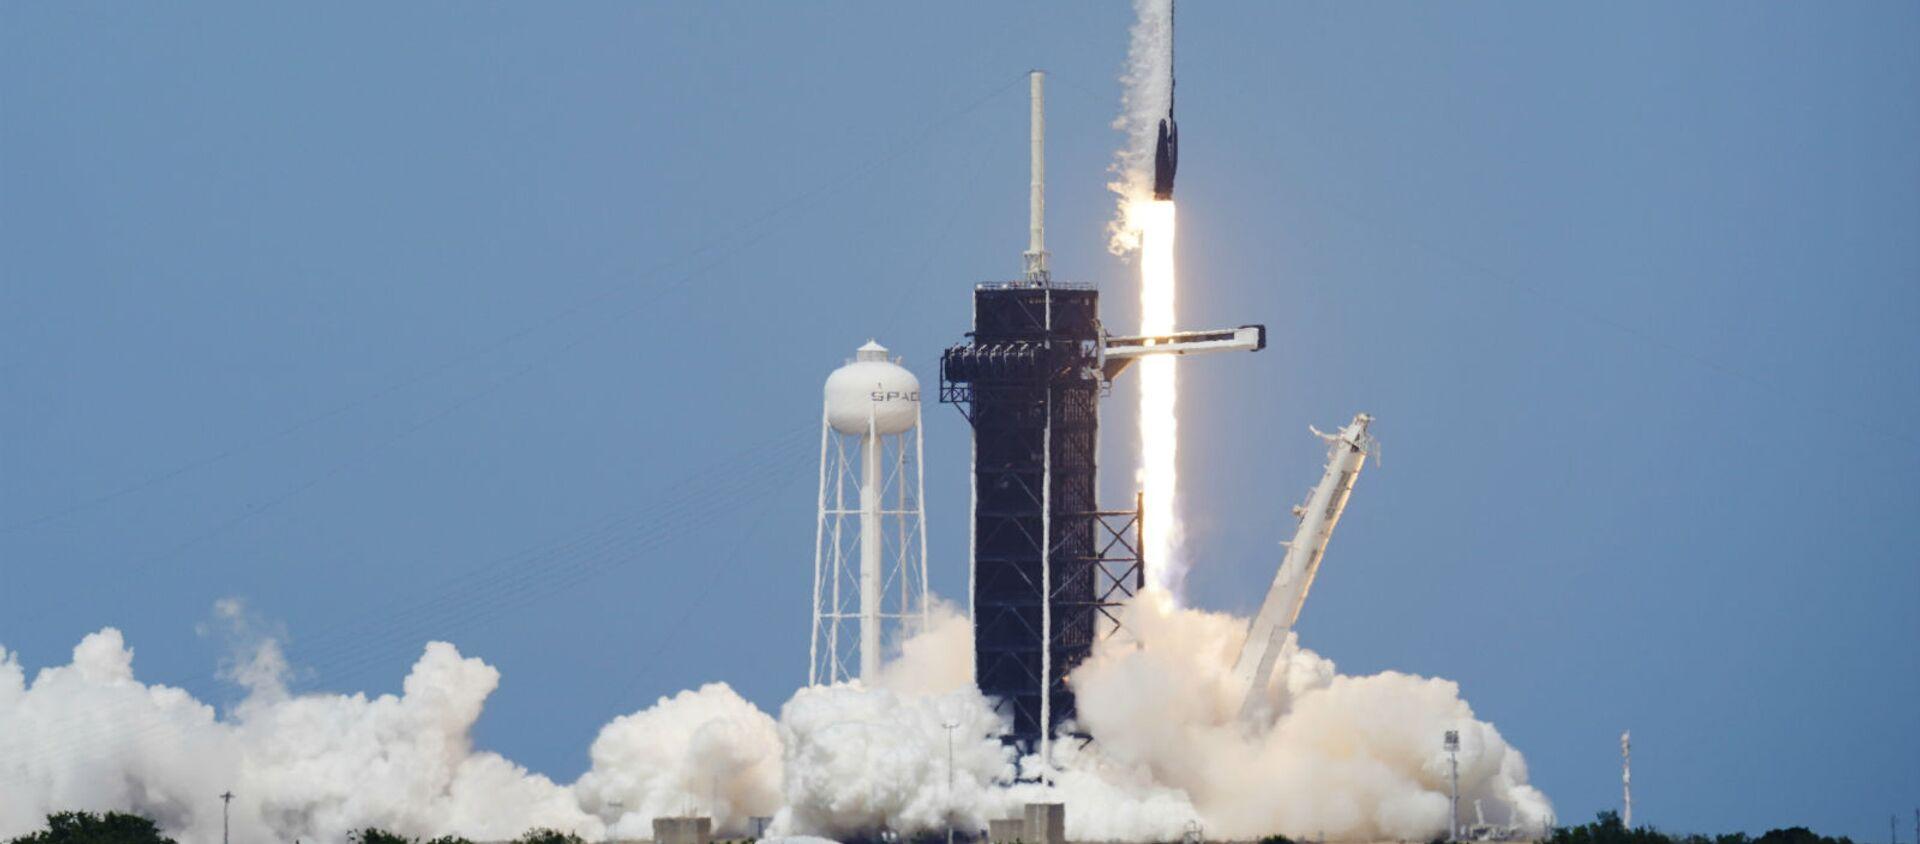 Kапсулa экипажа «Crew Dragon» с астронавтами Дугом Херли и Бобом Бенкеном в рамках программы SpaceX стартует в Космическом центре Кеннеди на мысе Канаверал (30 мая 2020). Флорида - Sputnik Արմենիա, 1920, 09.07.2021